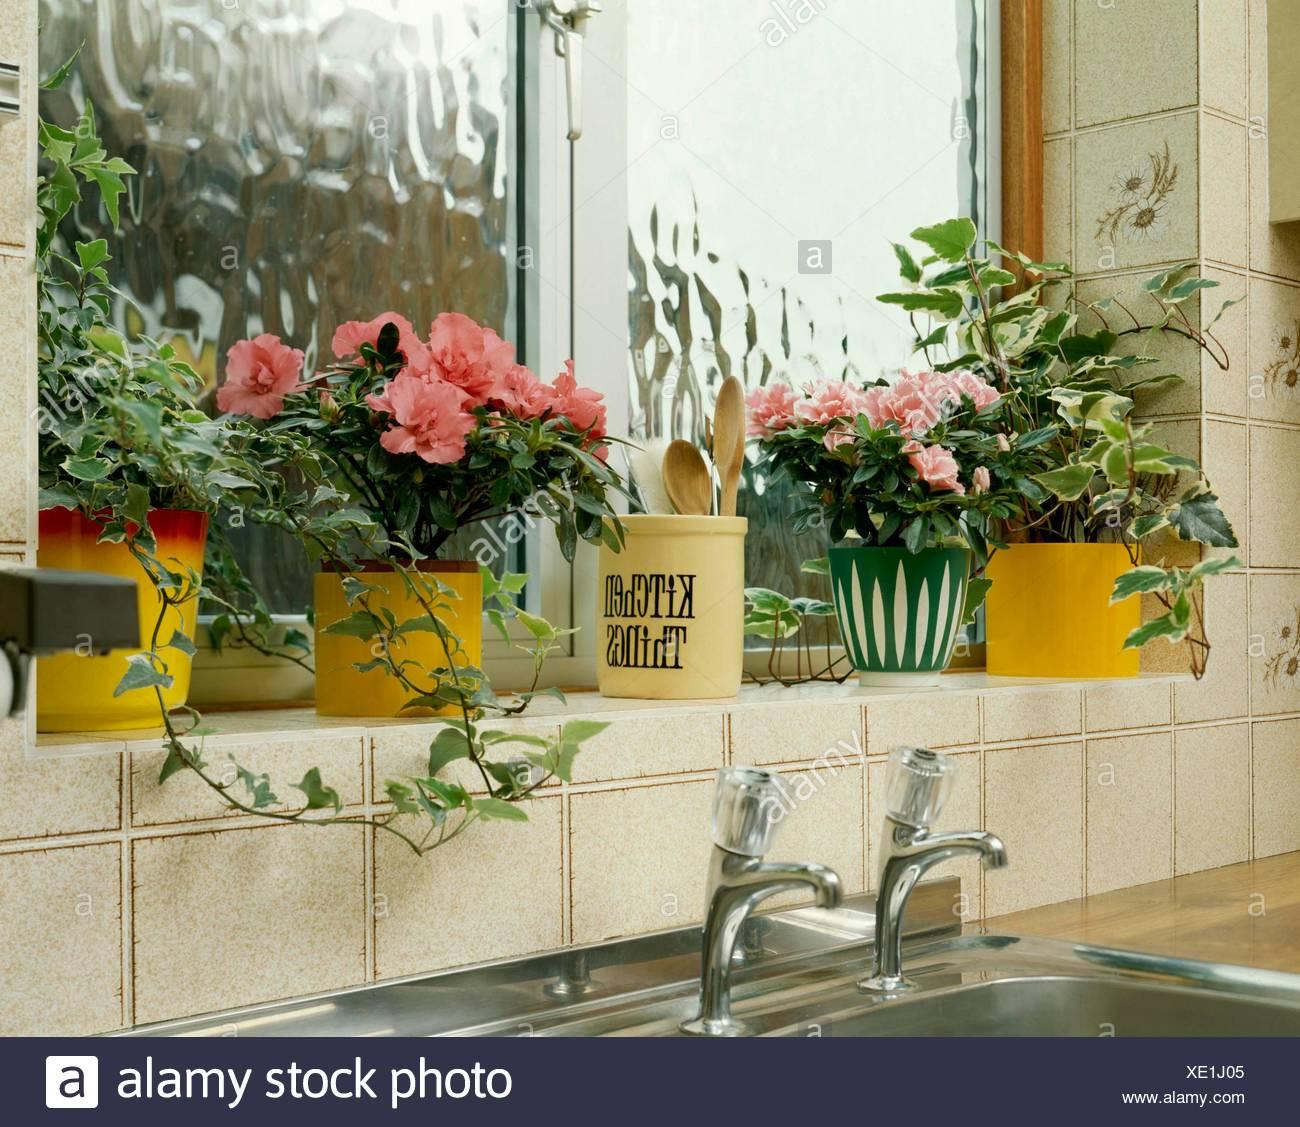 hiedra interior Plantas De Interior In Situ Cocina Hedera Hiedra Y